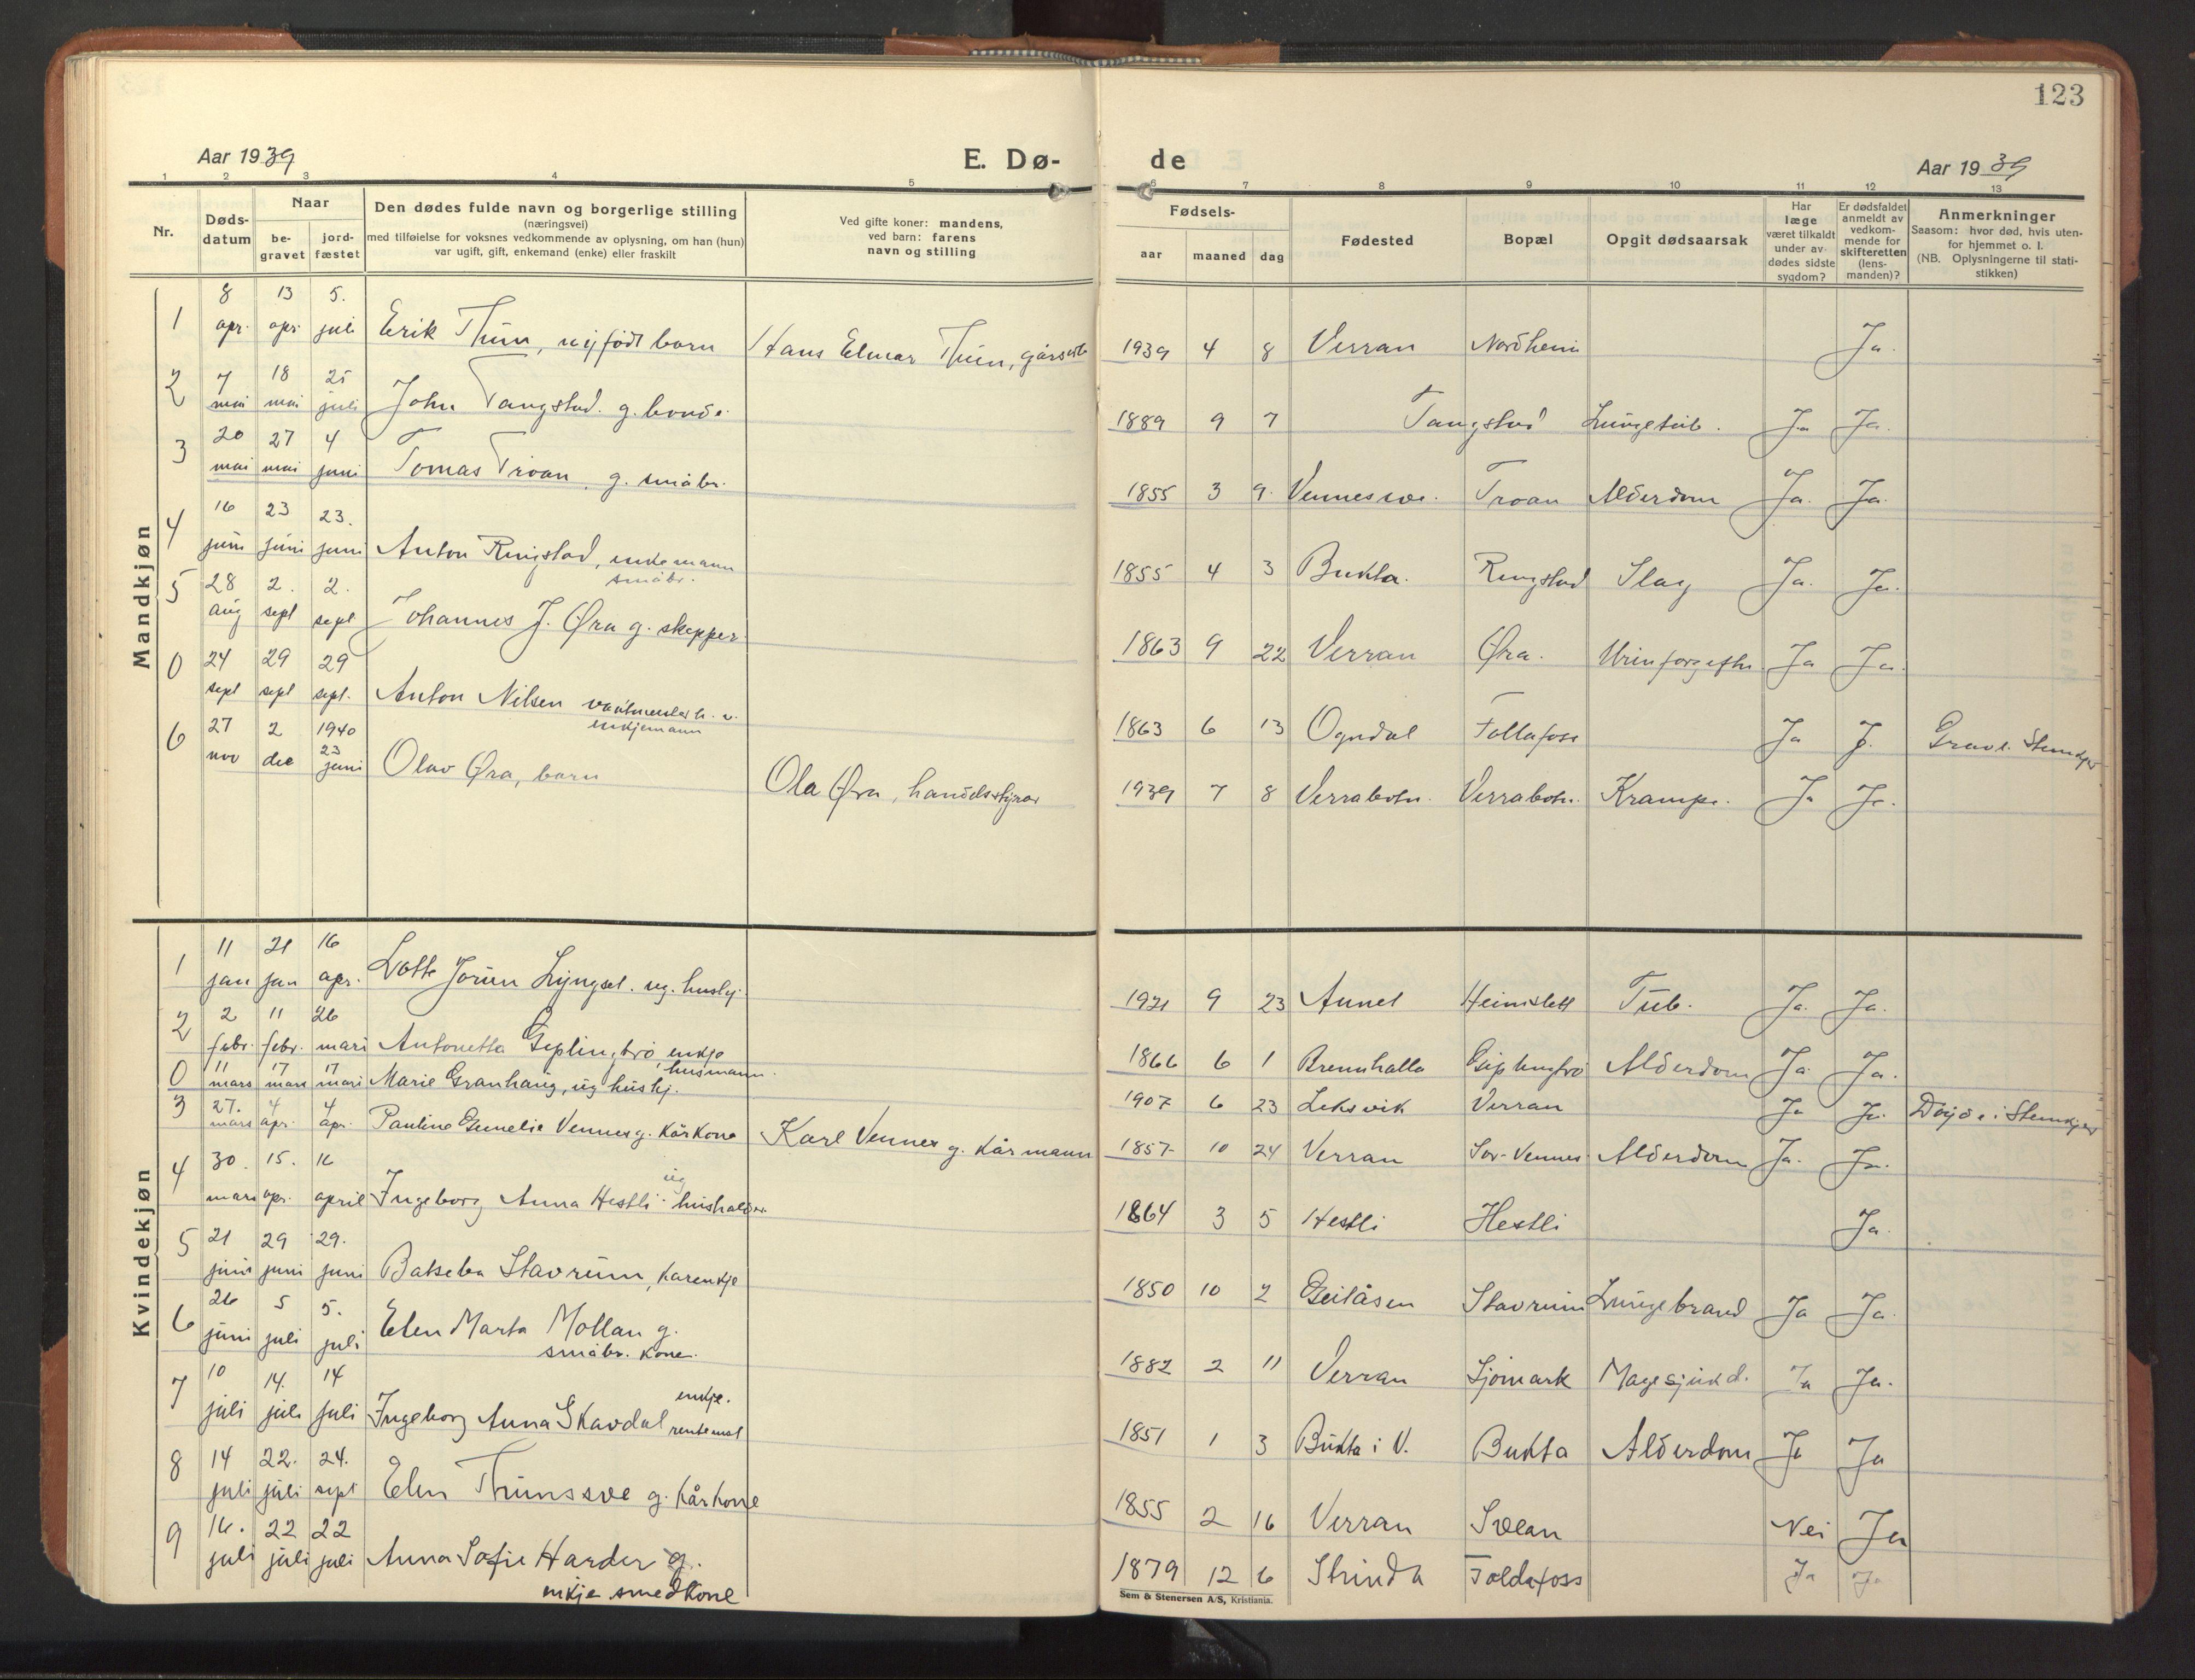 SAT, Ministerialprotokoller, klokkerbøker og fødselsregistre - Nord-Trøndelag, 744/L0425: Klokkerbok nr. 744C04, 1924-1947, s. 123